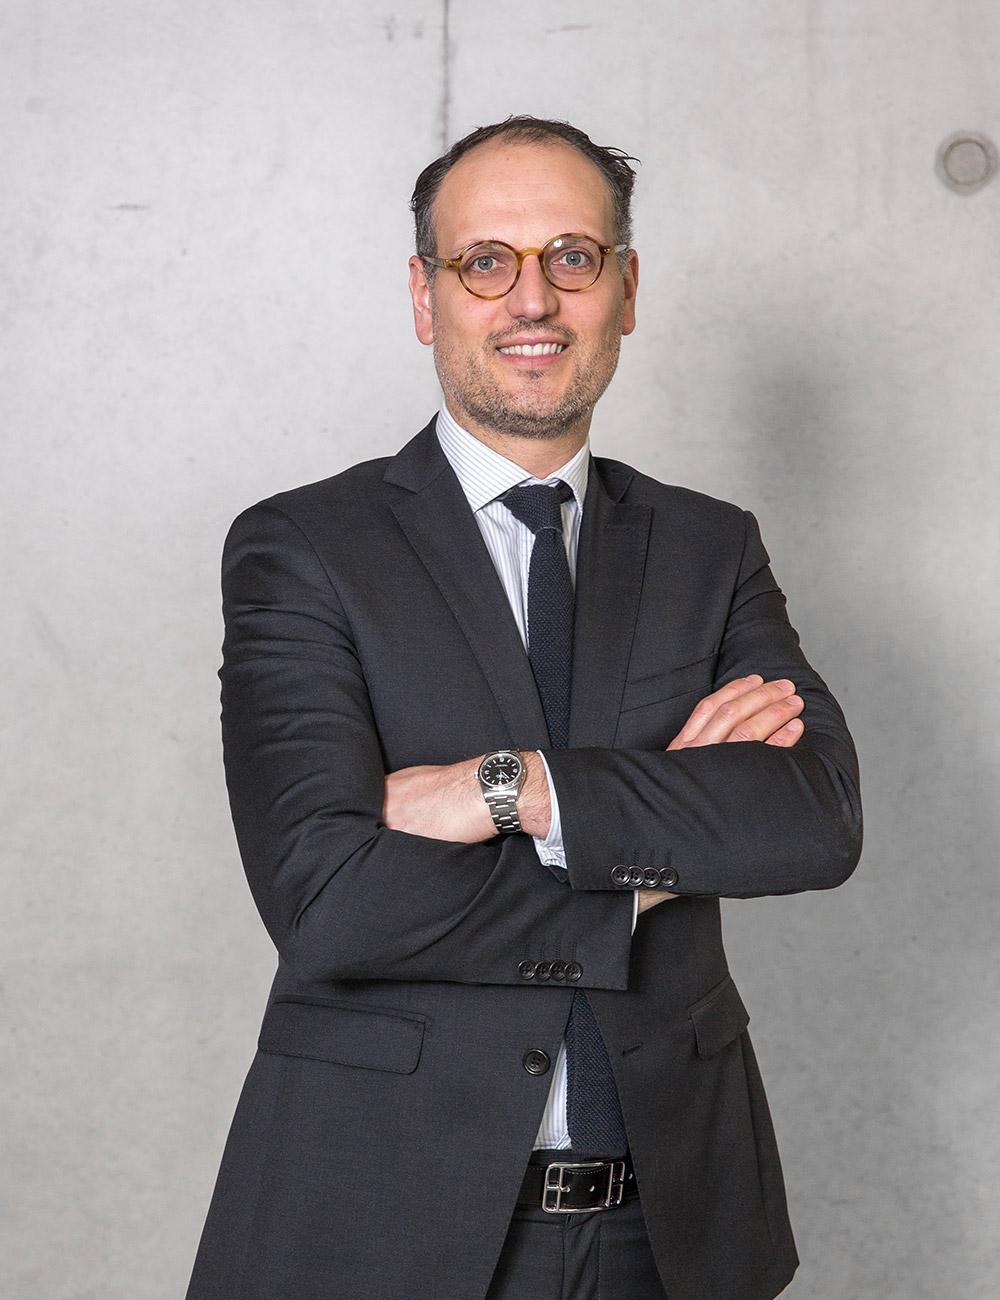 David AVERSENQ, Directeur Associé - Investissement, membre du Comité de Direction